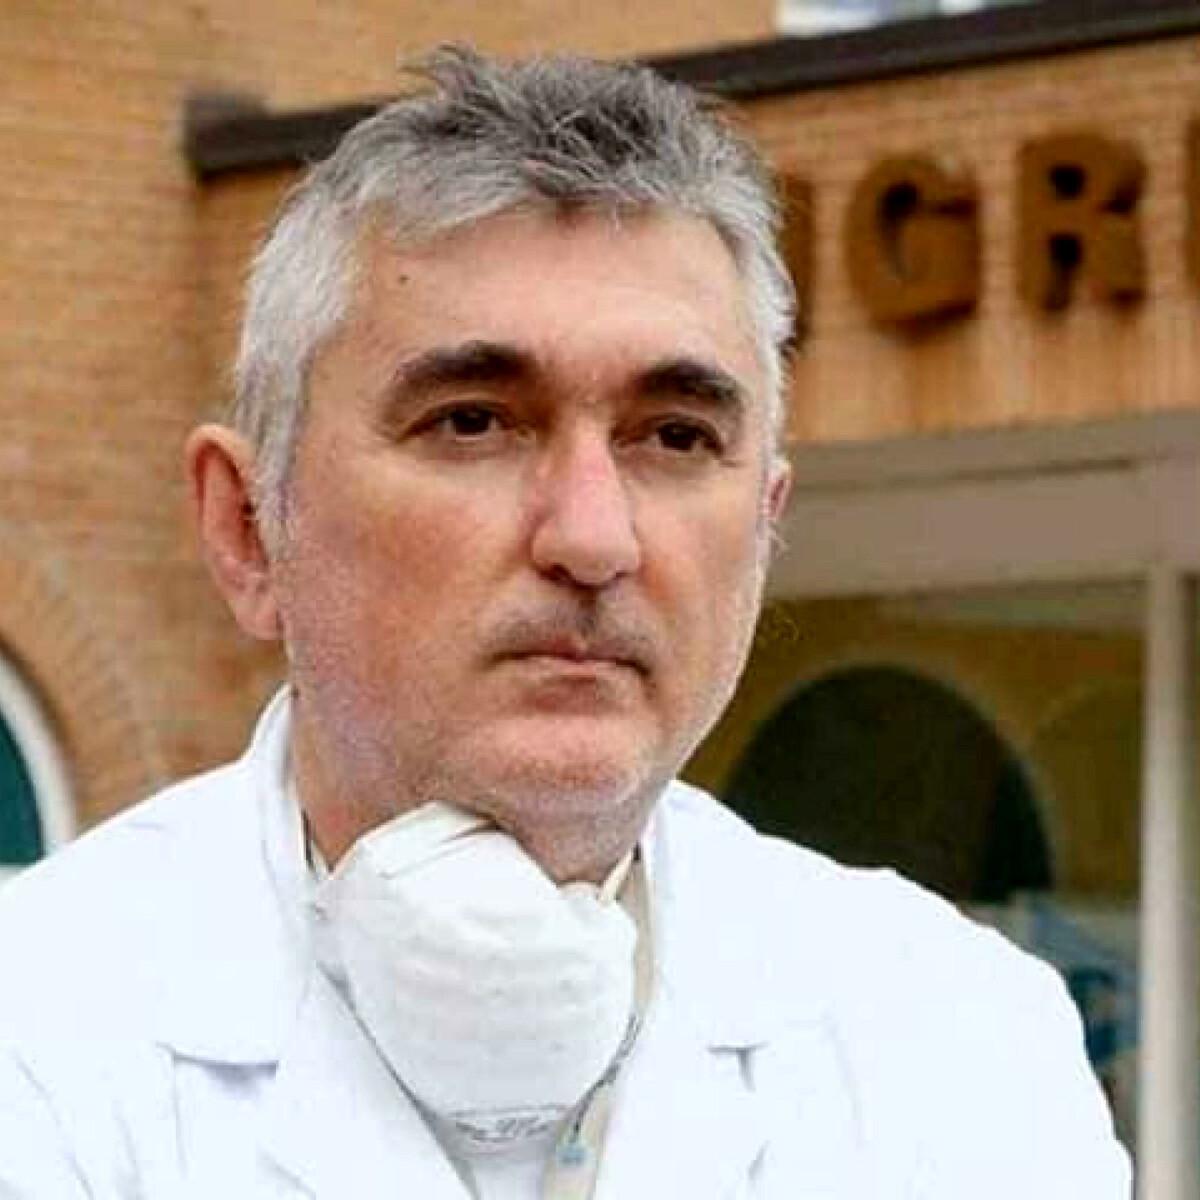 """Pregliasco ricorda De Donno: """"Un pro-vax convito, apripista per la terapia con anticorpi monoclonali"""""""